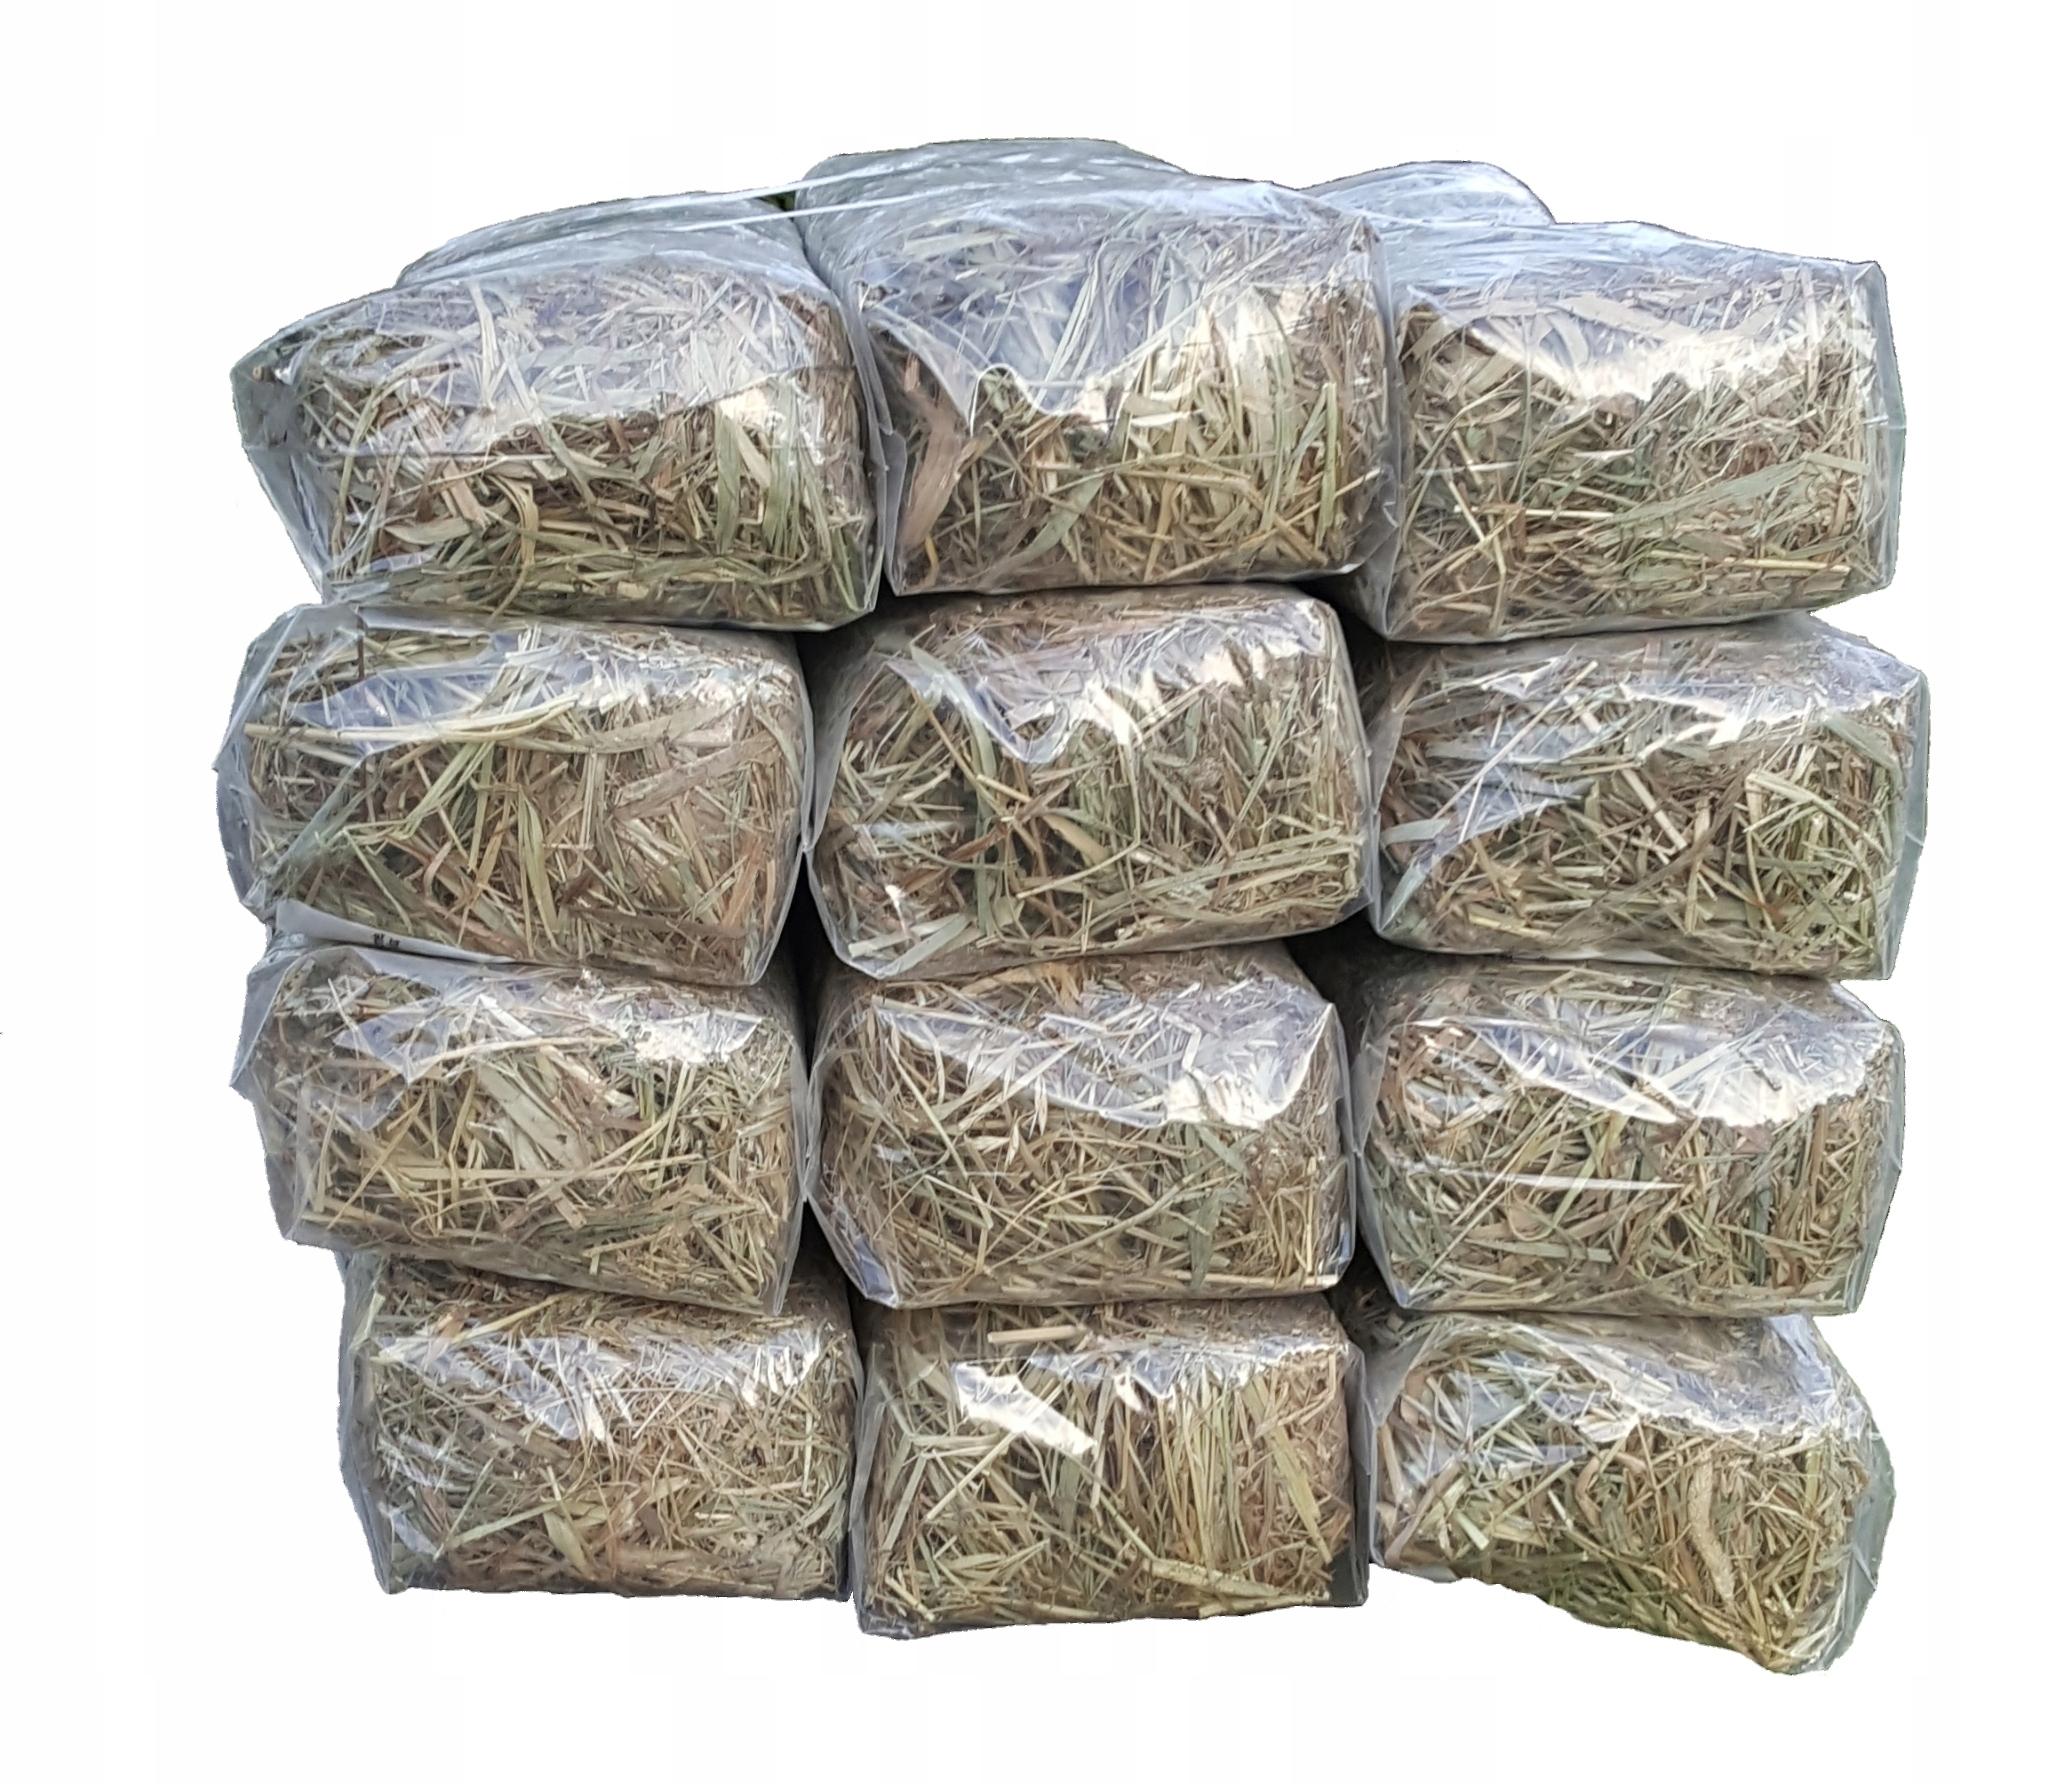 Сианко Розтоканьски травяное сено 350г 14L 1шт.